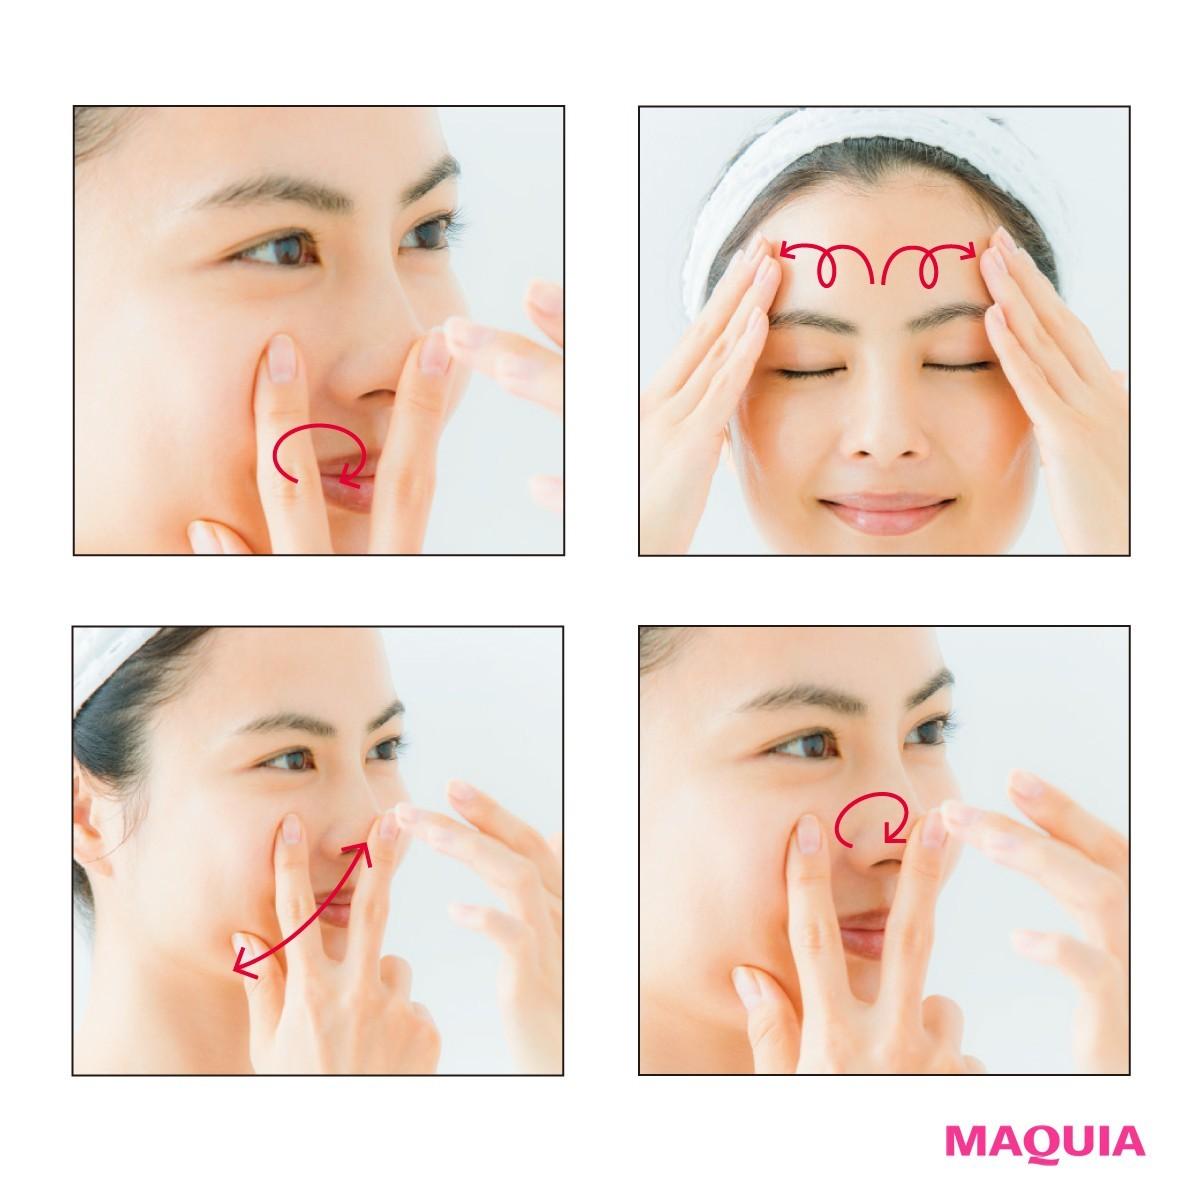 いたわり&根こそぎ…肌に合わせた洗顔法をまとめ読み